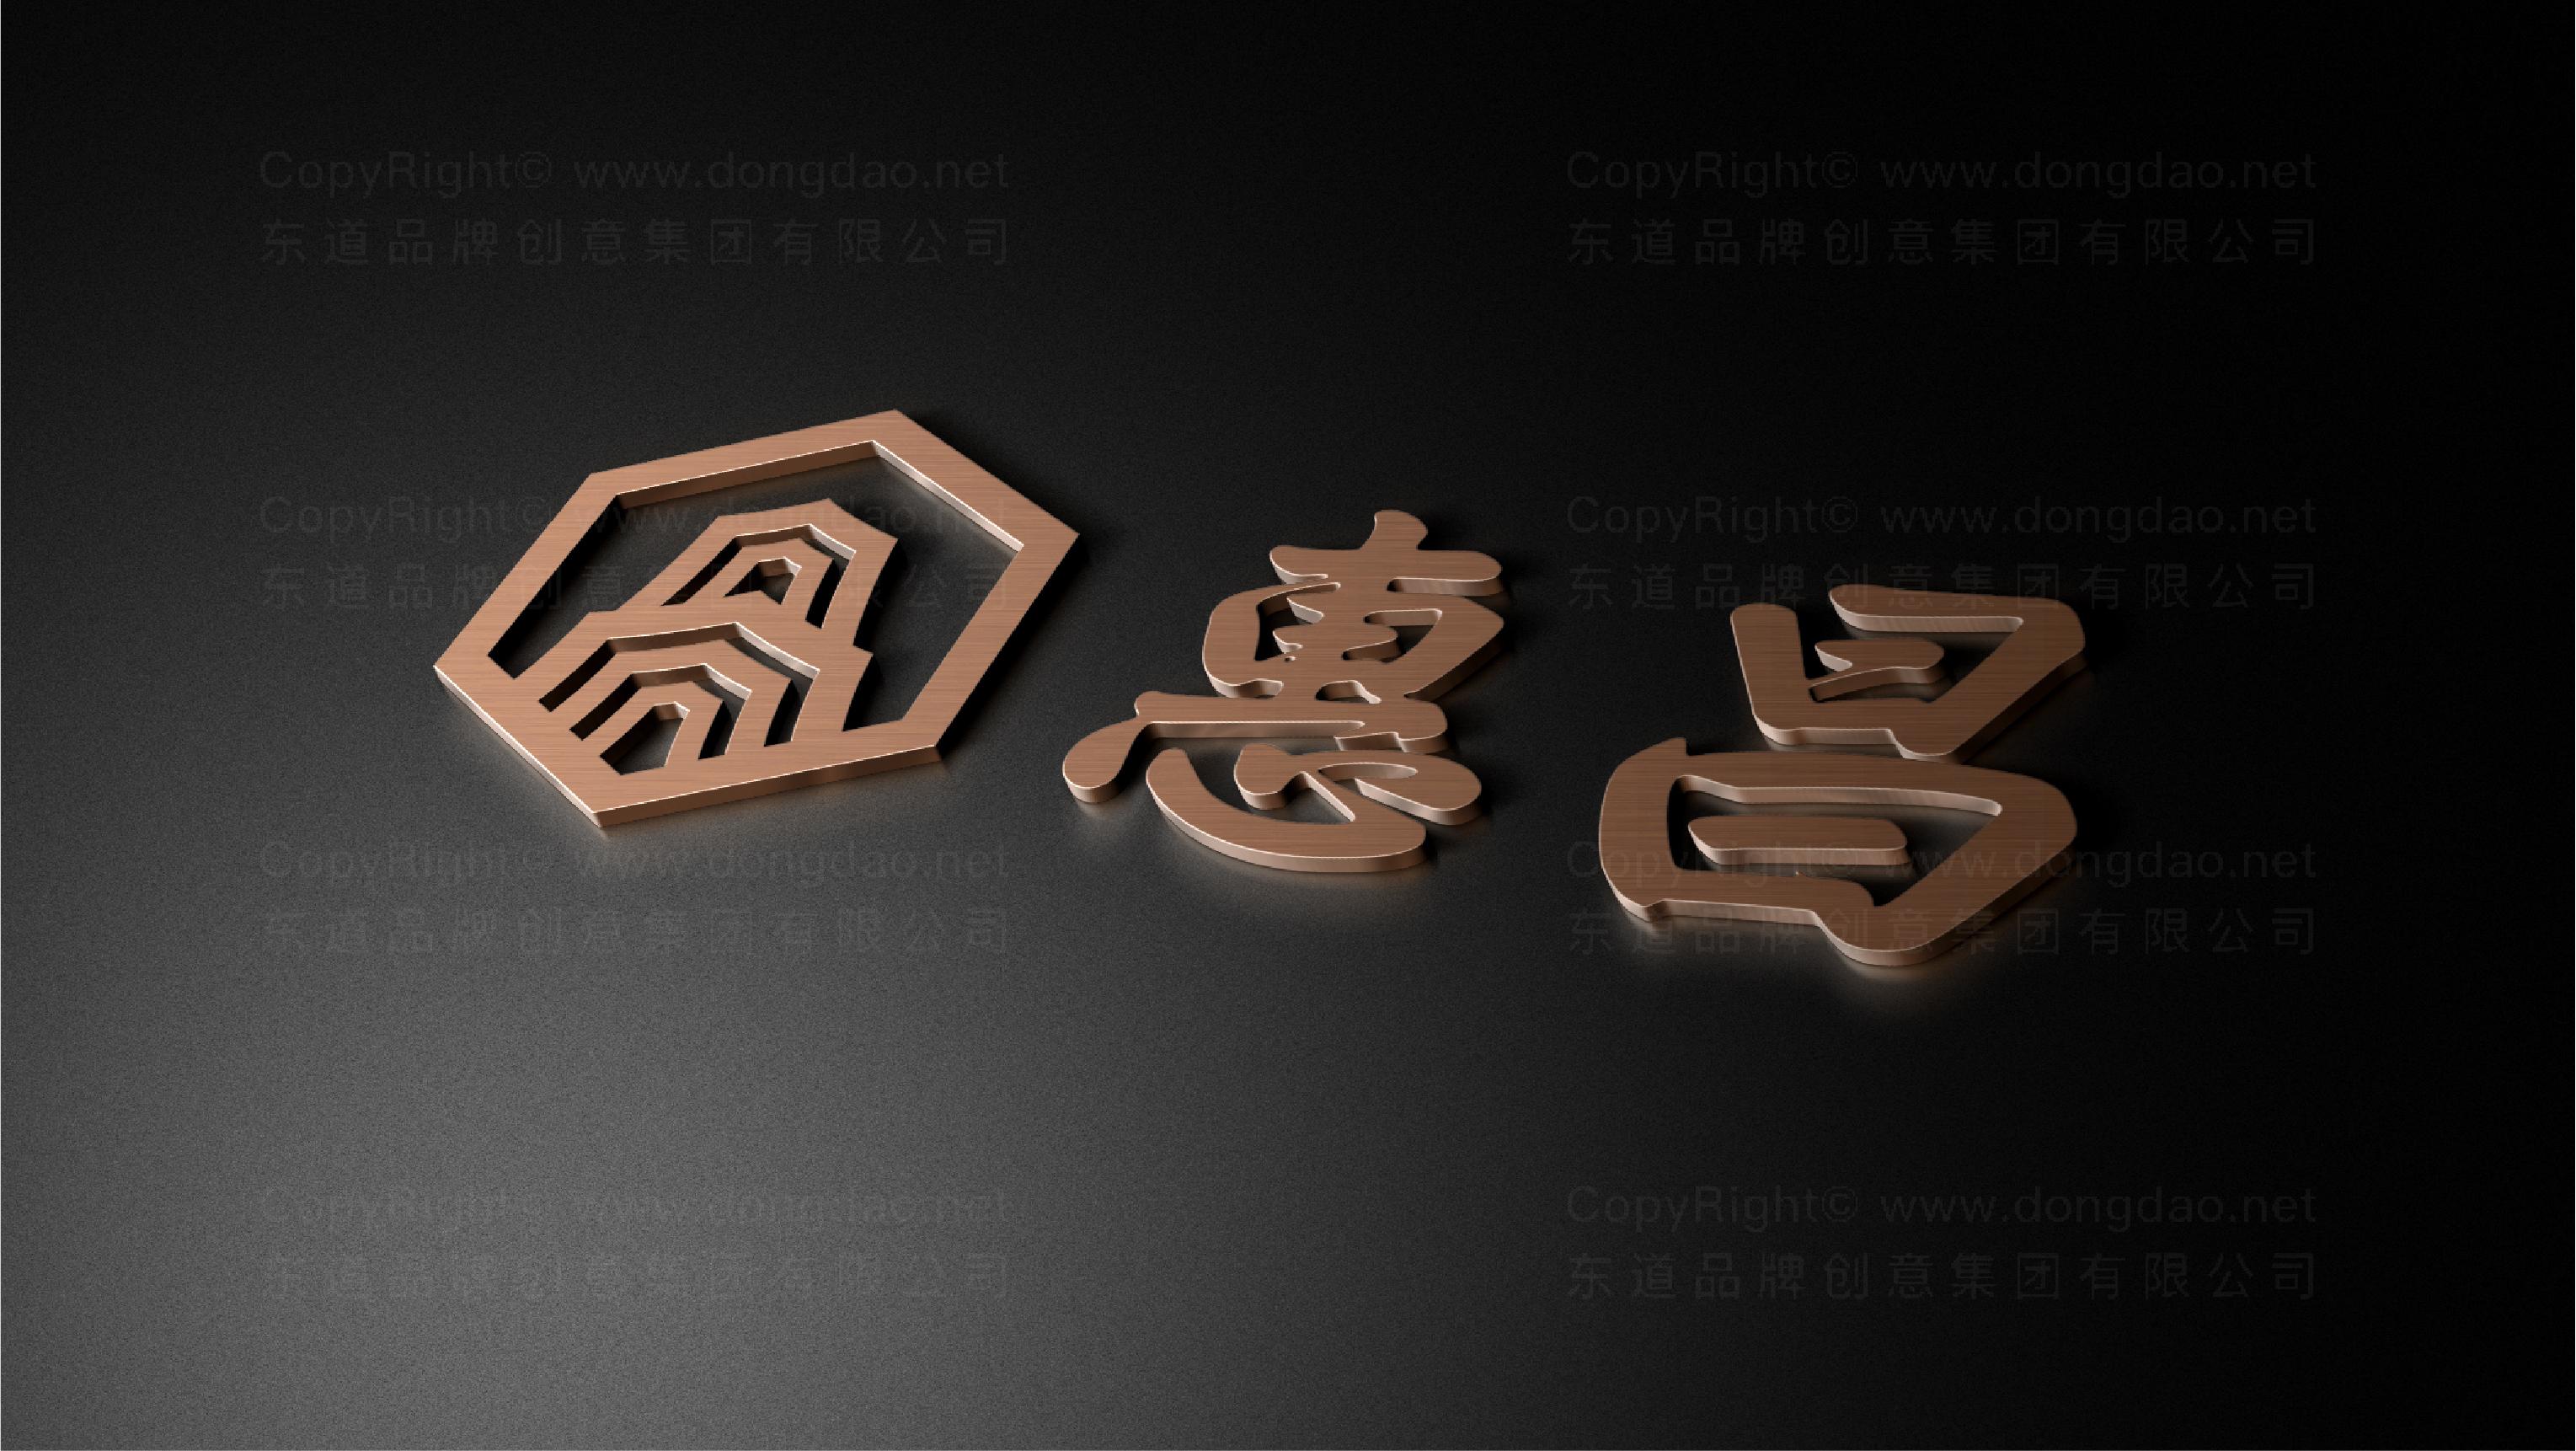 快速消费品牌设计惠昌集团LOGO&VI设计